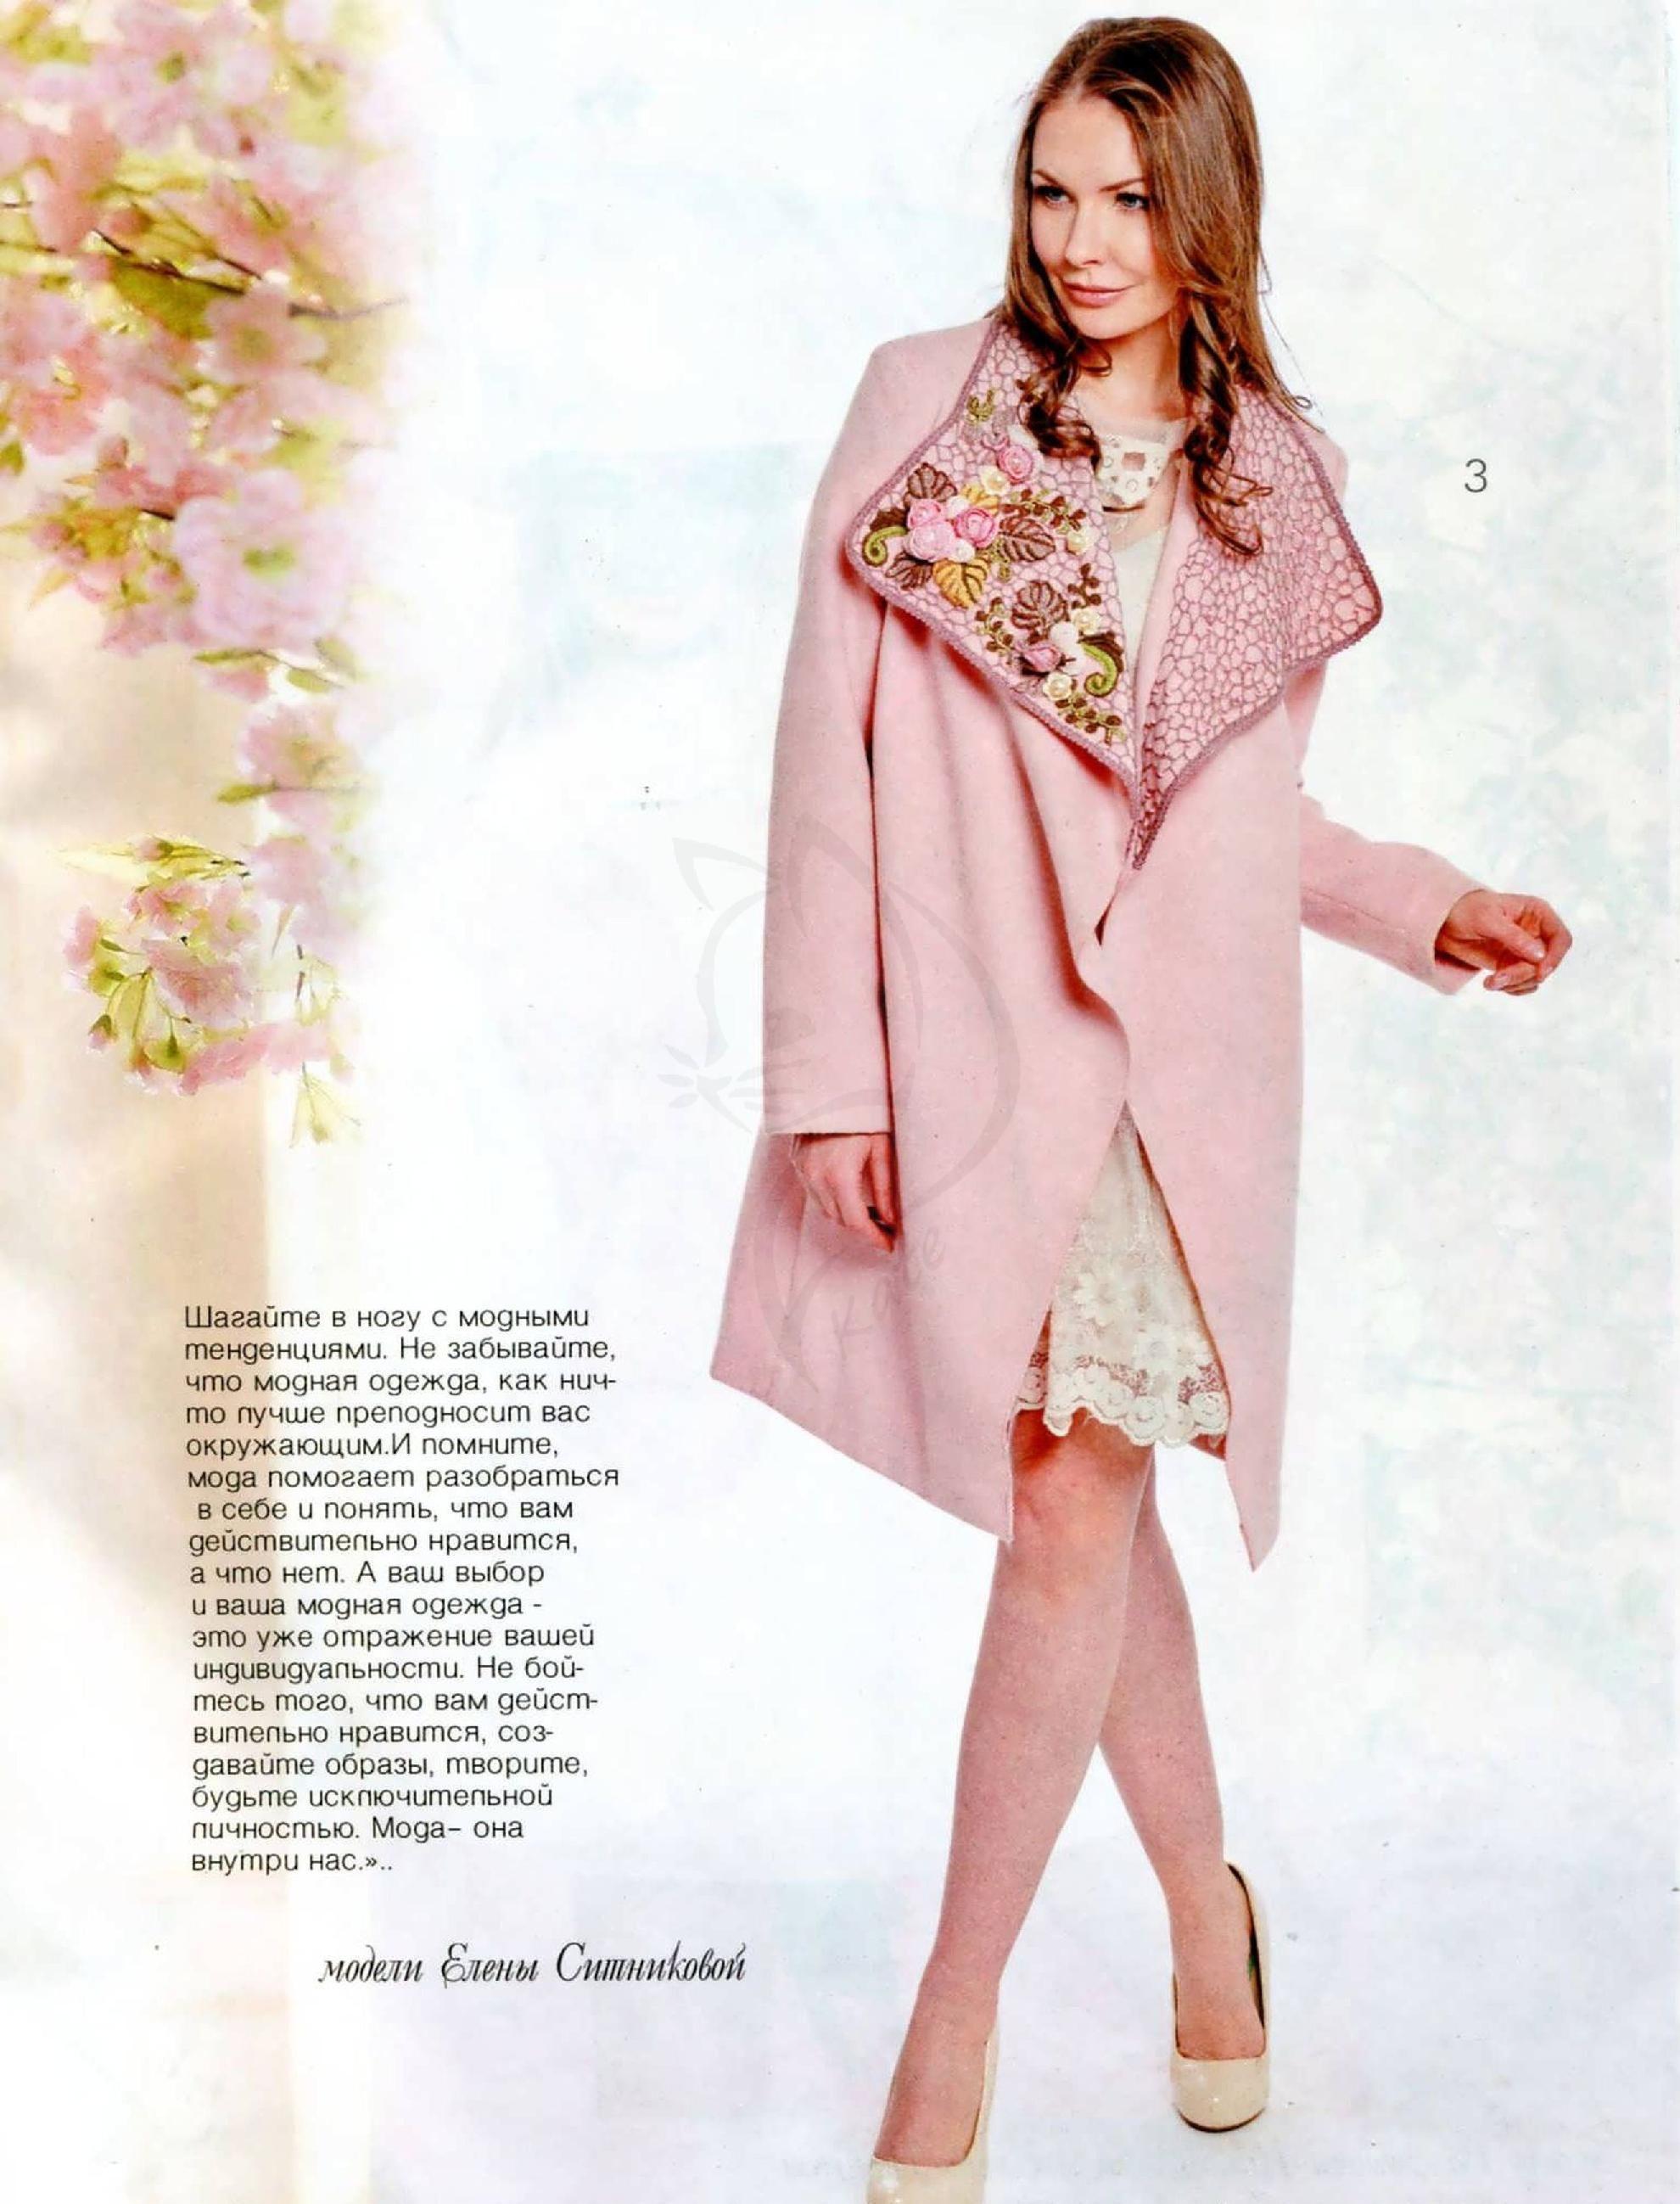 5406922a5dcc Популярный российский журнал по вязанию, в котором представлена  великолепная коллекция авторских женских моделей одежды и